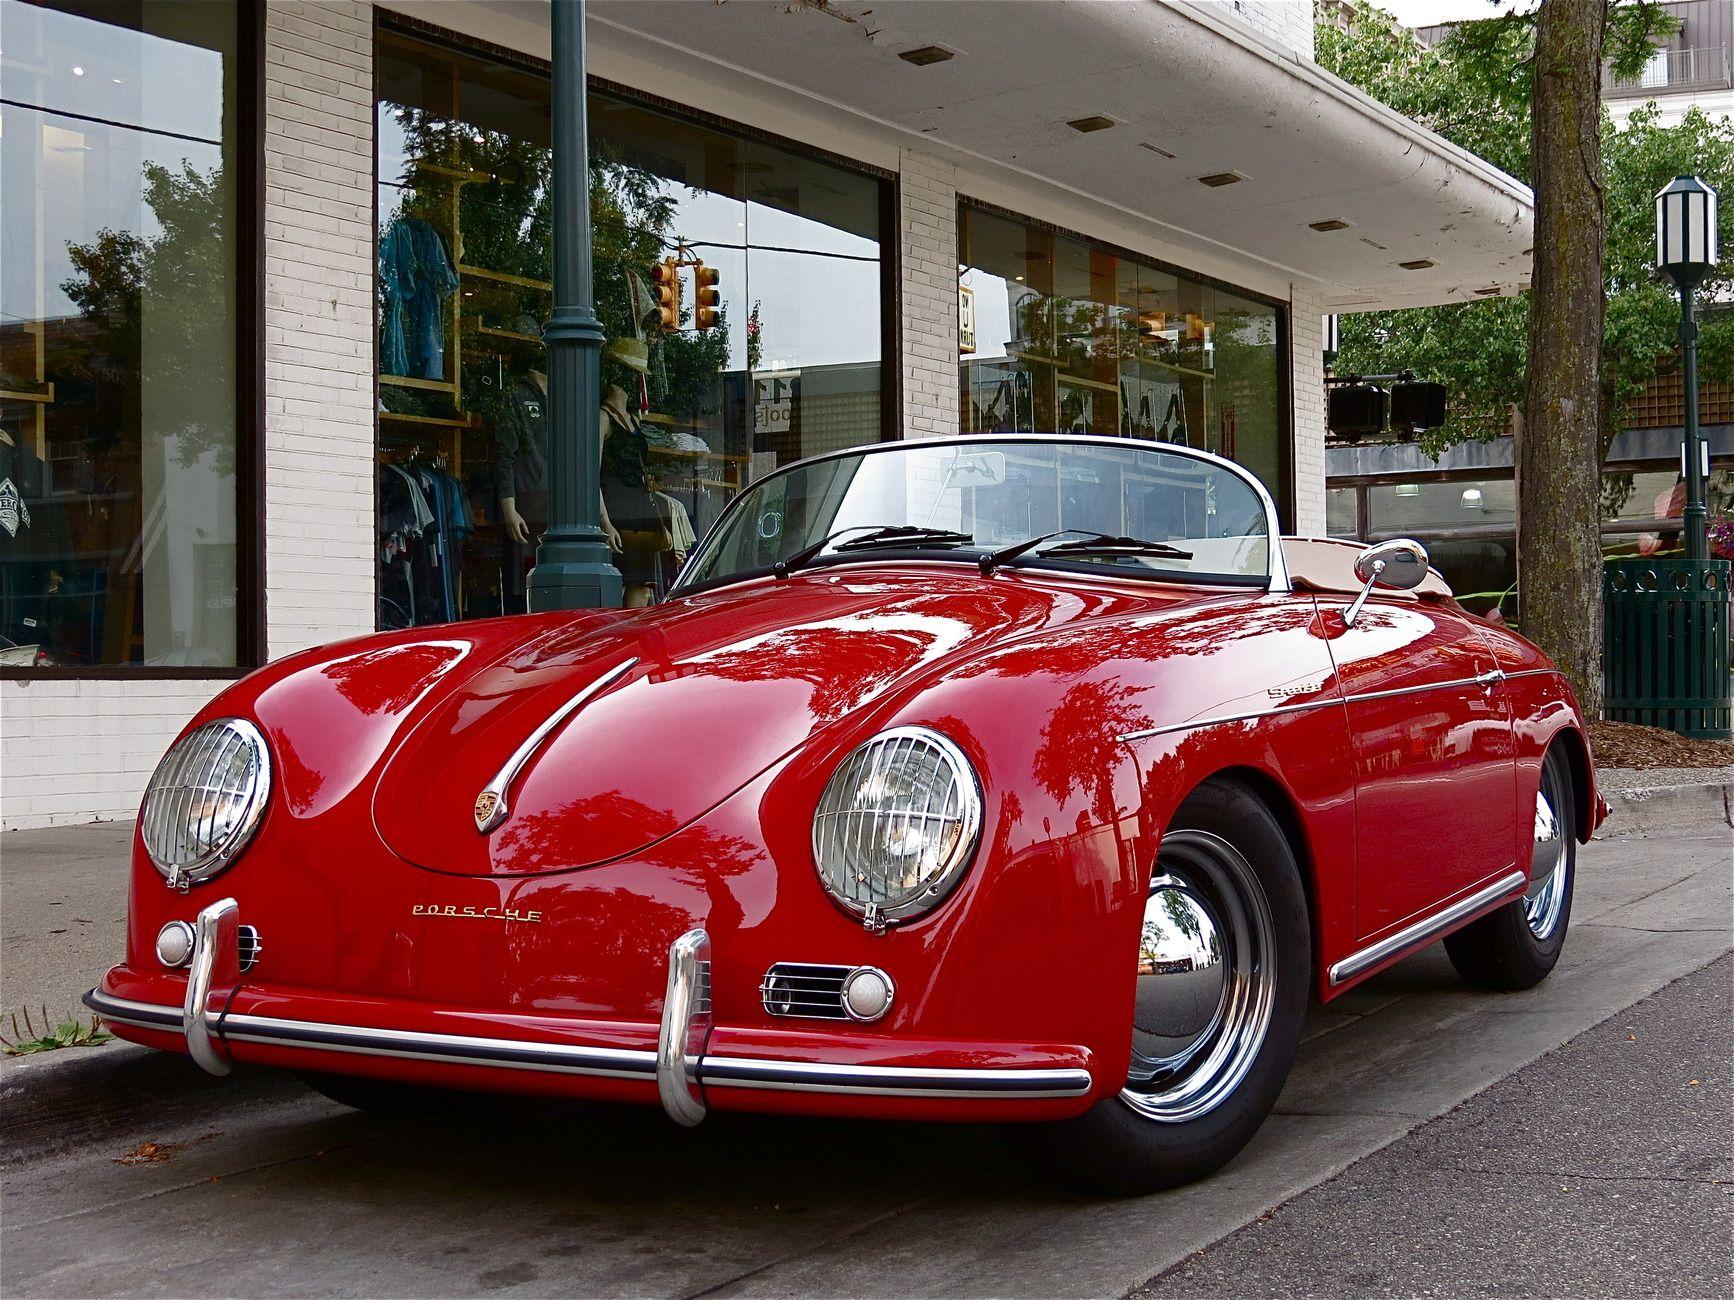 Spotted Porsche 356 Speedster Birmingham Mi Porsche 356 Speedster 356 Speedster Porsche 356